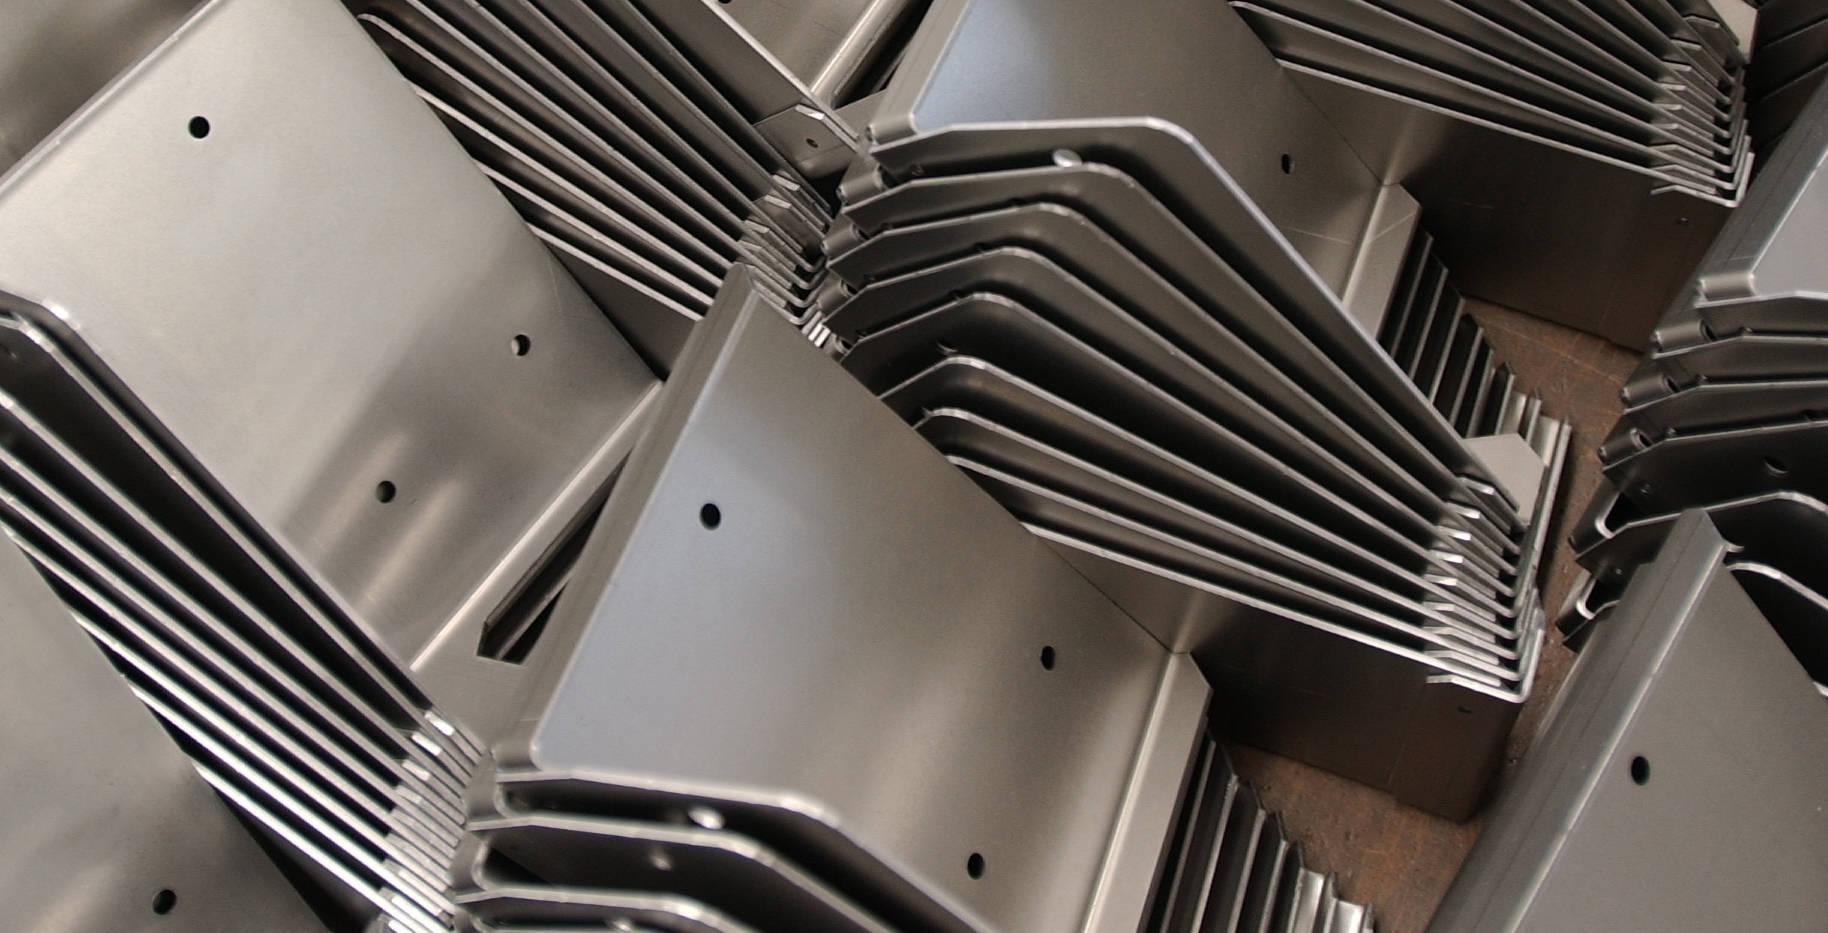 Sheetmetal Laser Cut & Fold in Sydney with Interfab